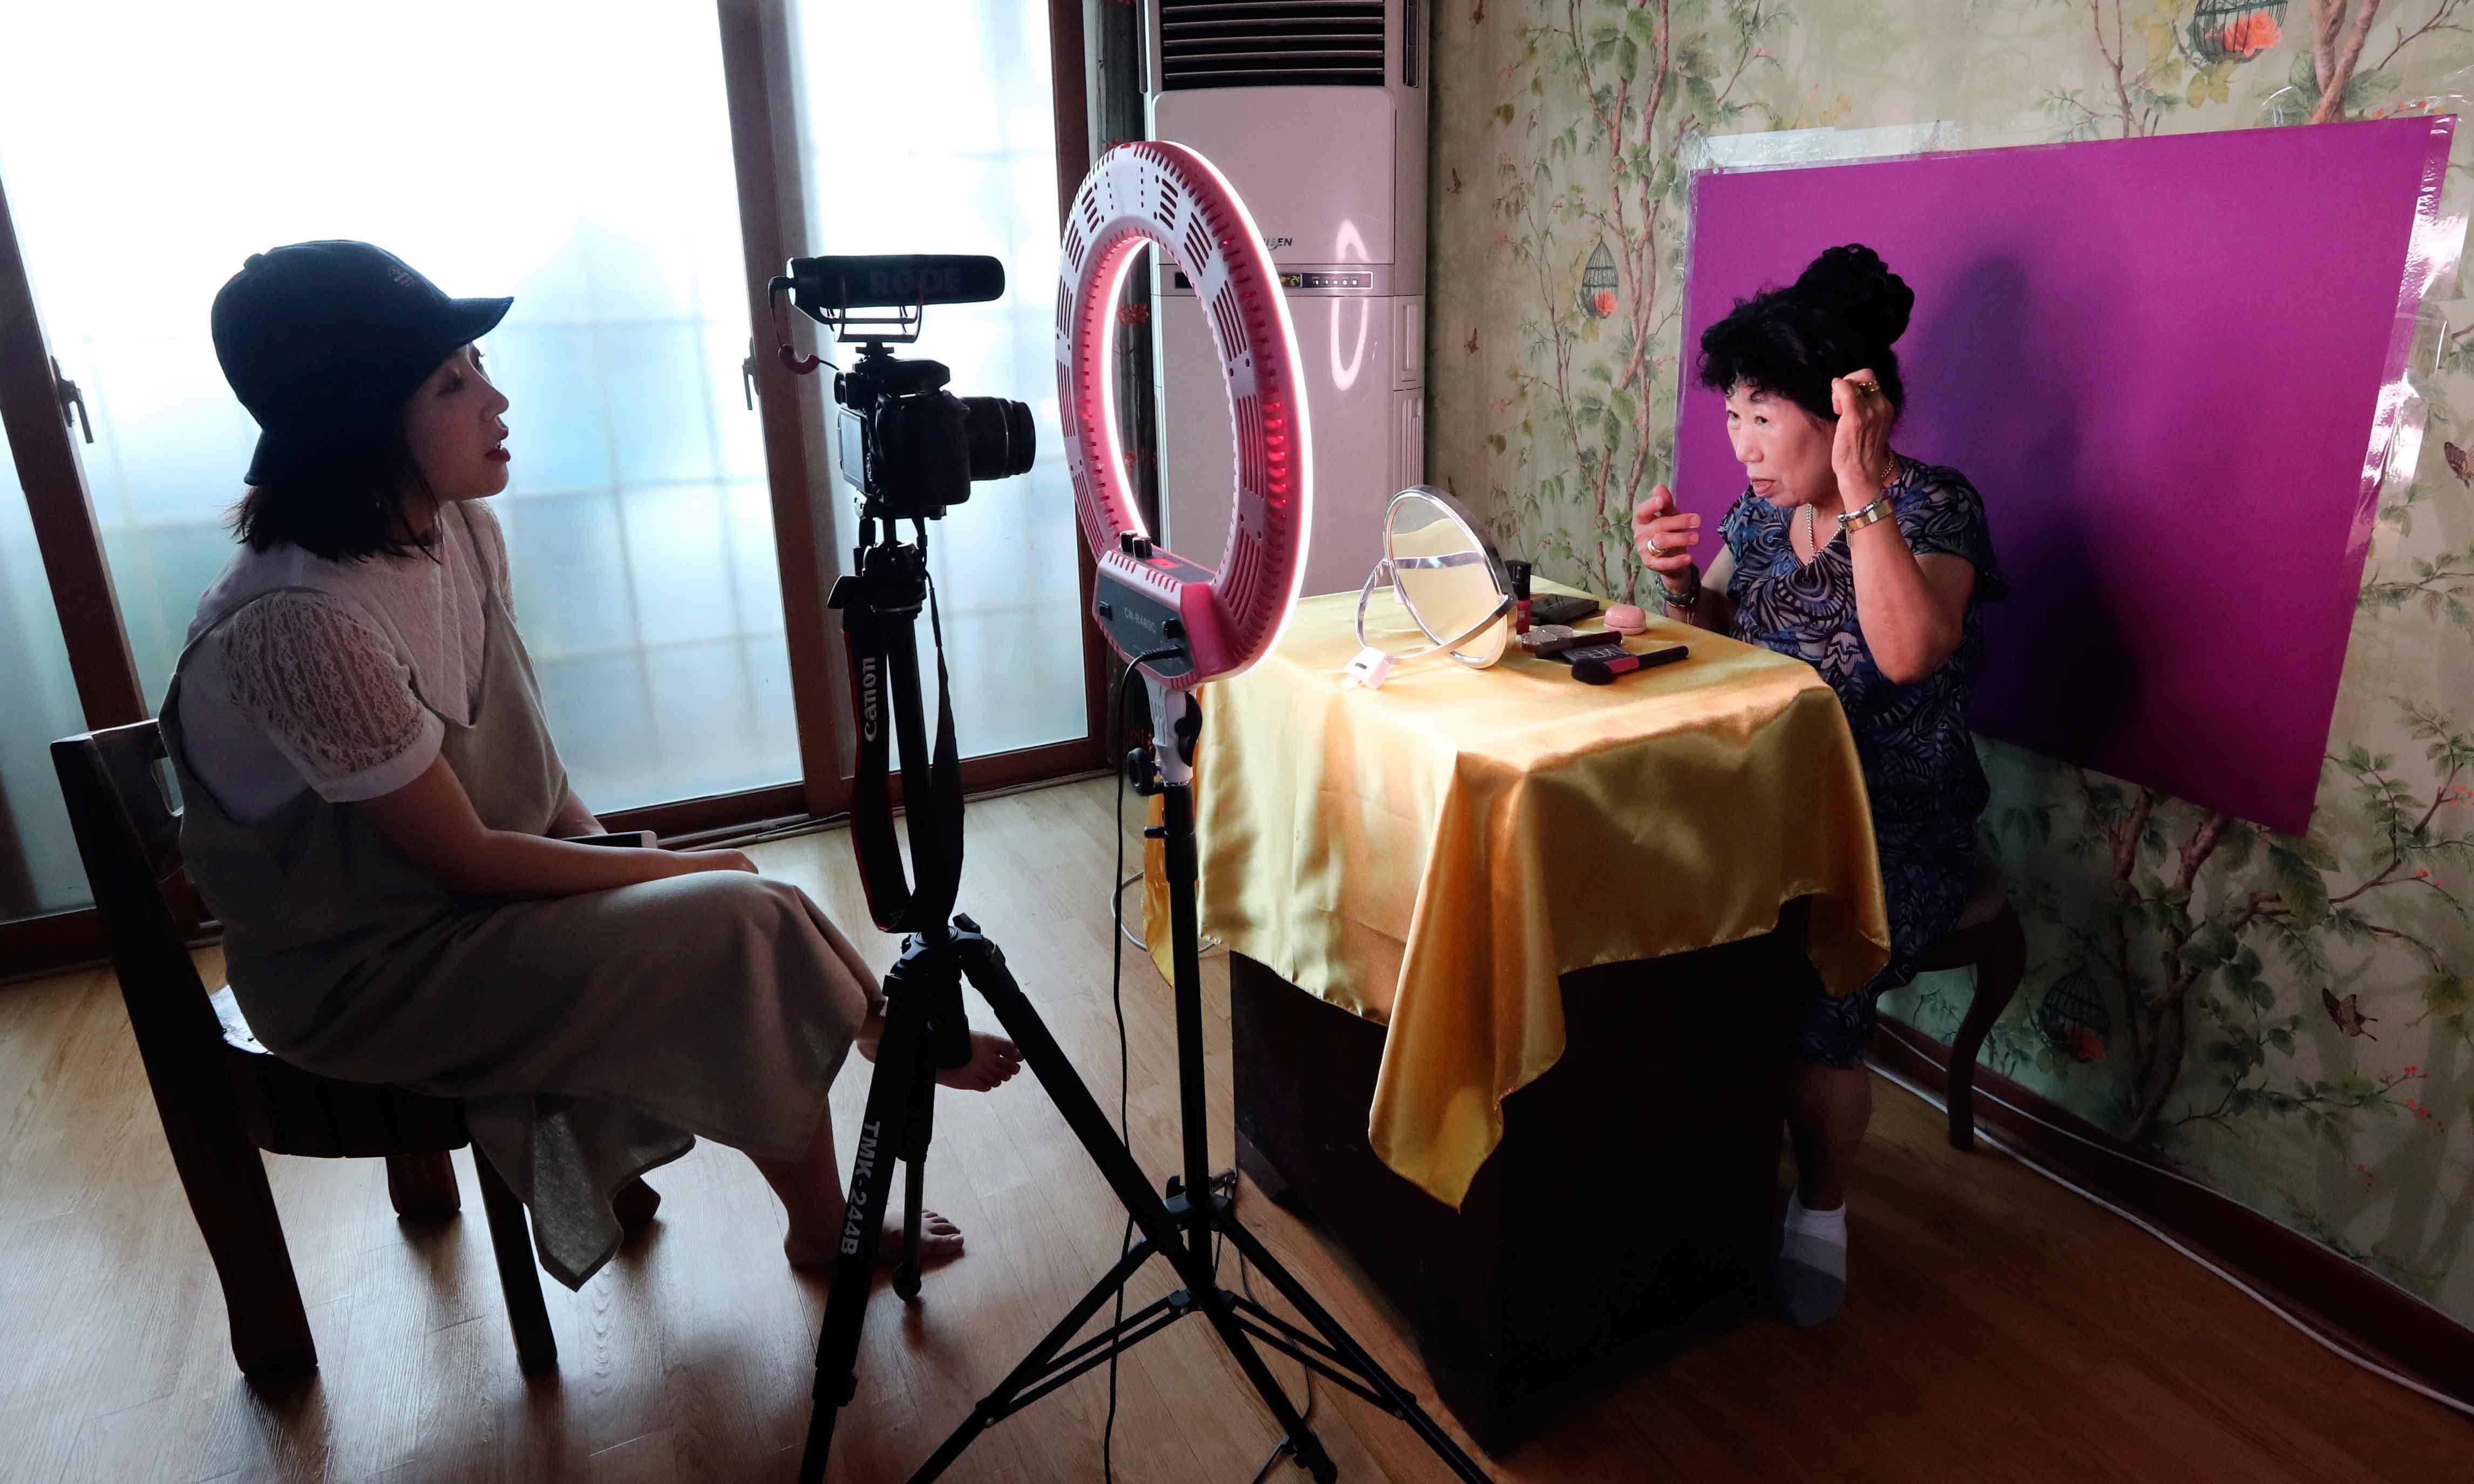 خاتون اپنی پوتی کی مدد سے ویڈیوز ریکارڈ کرتی ہیں—فوٹو: اے پی